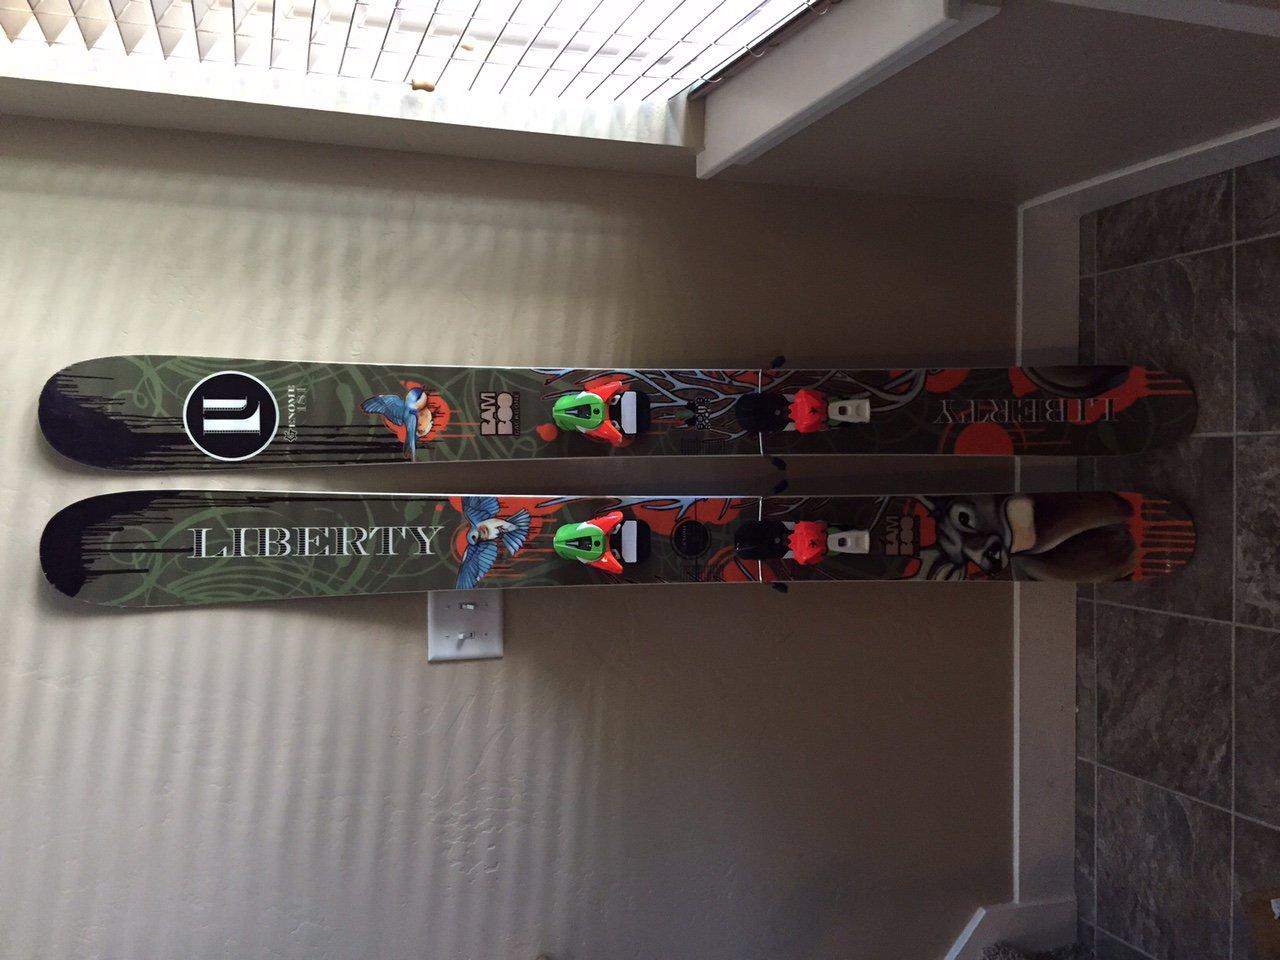 FS: Liberty Genome skis